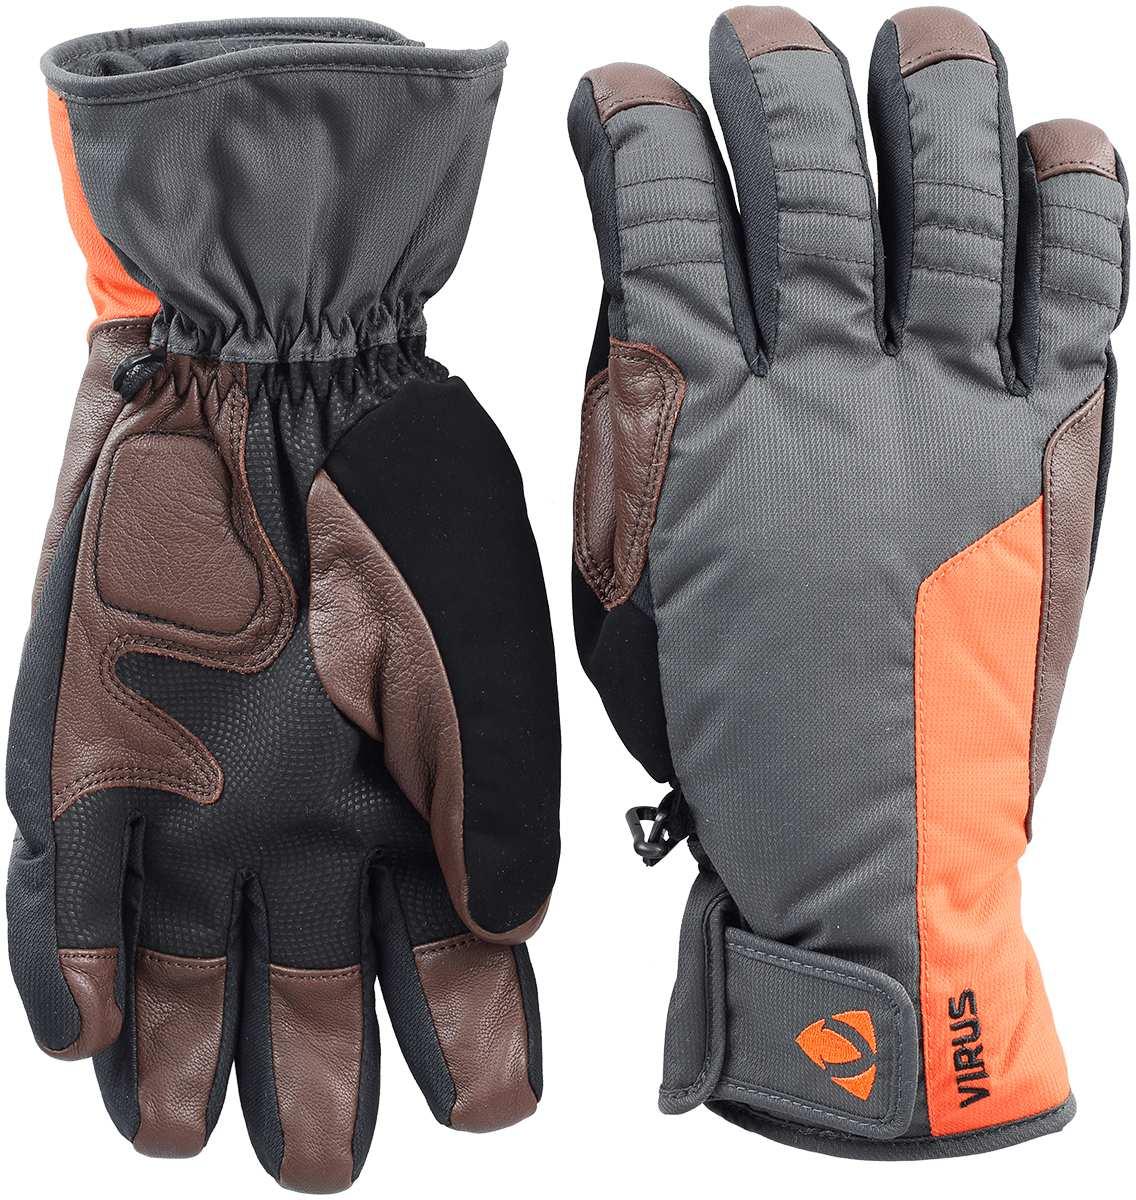 Перчатки F5 мужскиеПерчатки<br><br><br>Цвет: Черный<br>Размер: L